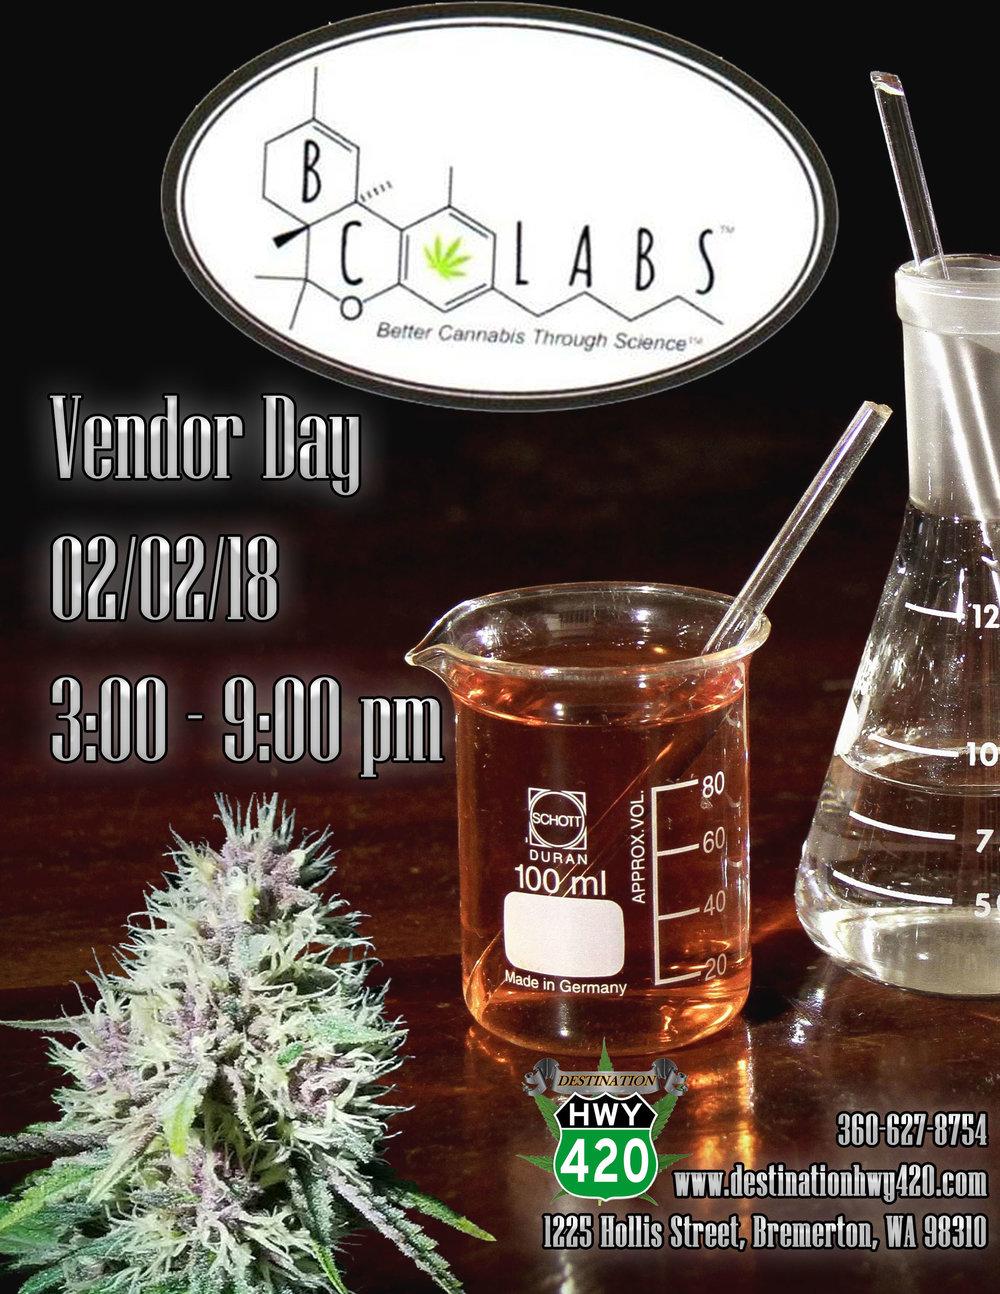 BC Labs- Cannabis Vendor Meet & Greet